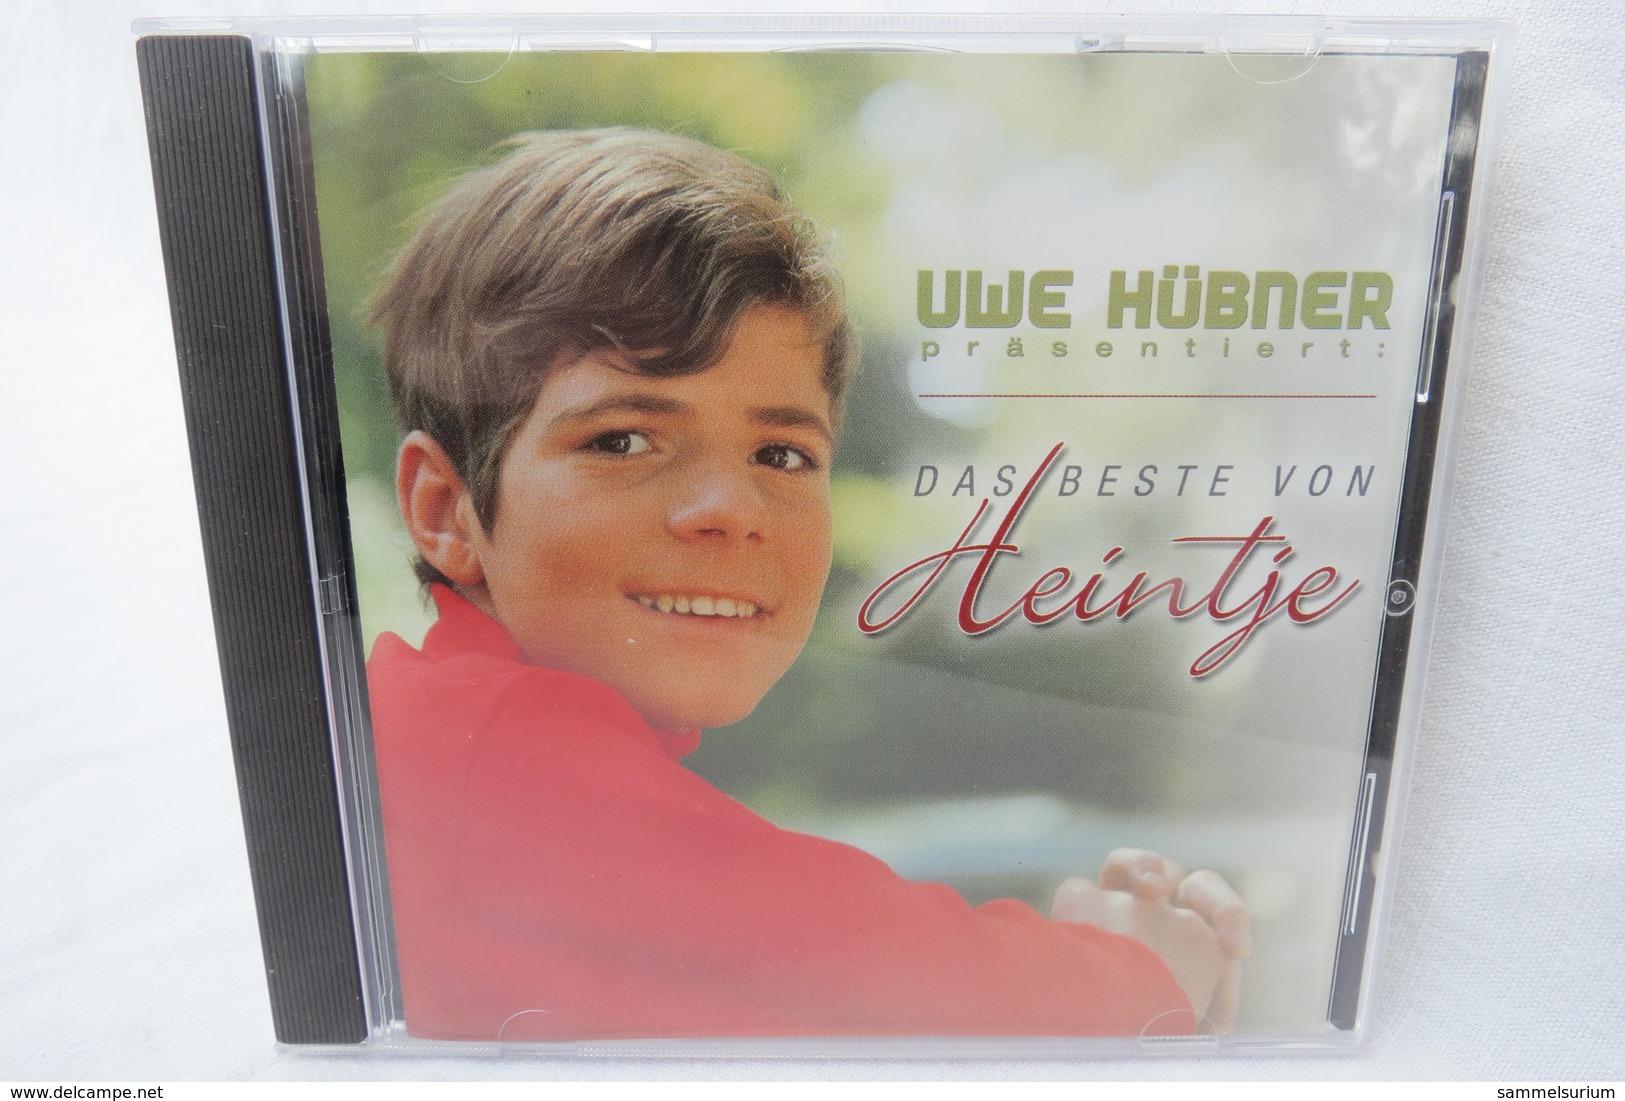 """CD """"Heintje"""" Das Beste Von Heintje Präsentiert Von Uwe Hübner - Sonstige - Deutsche Musik"""